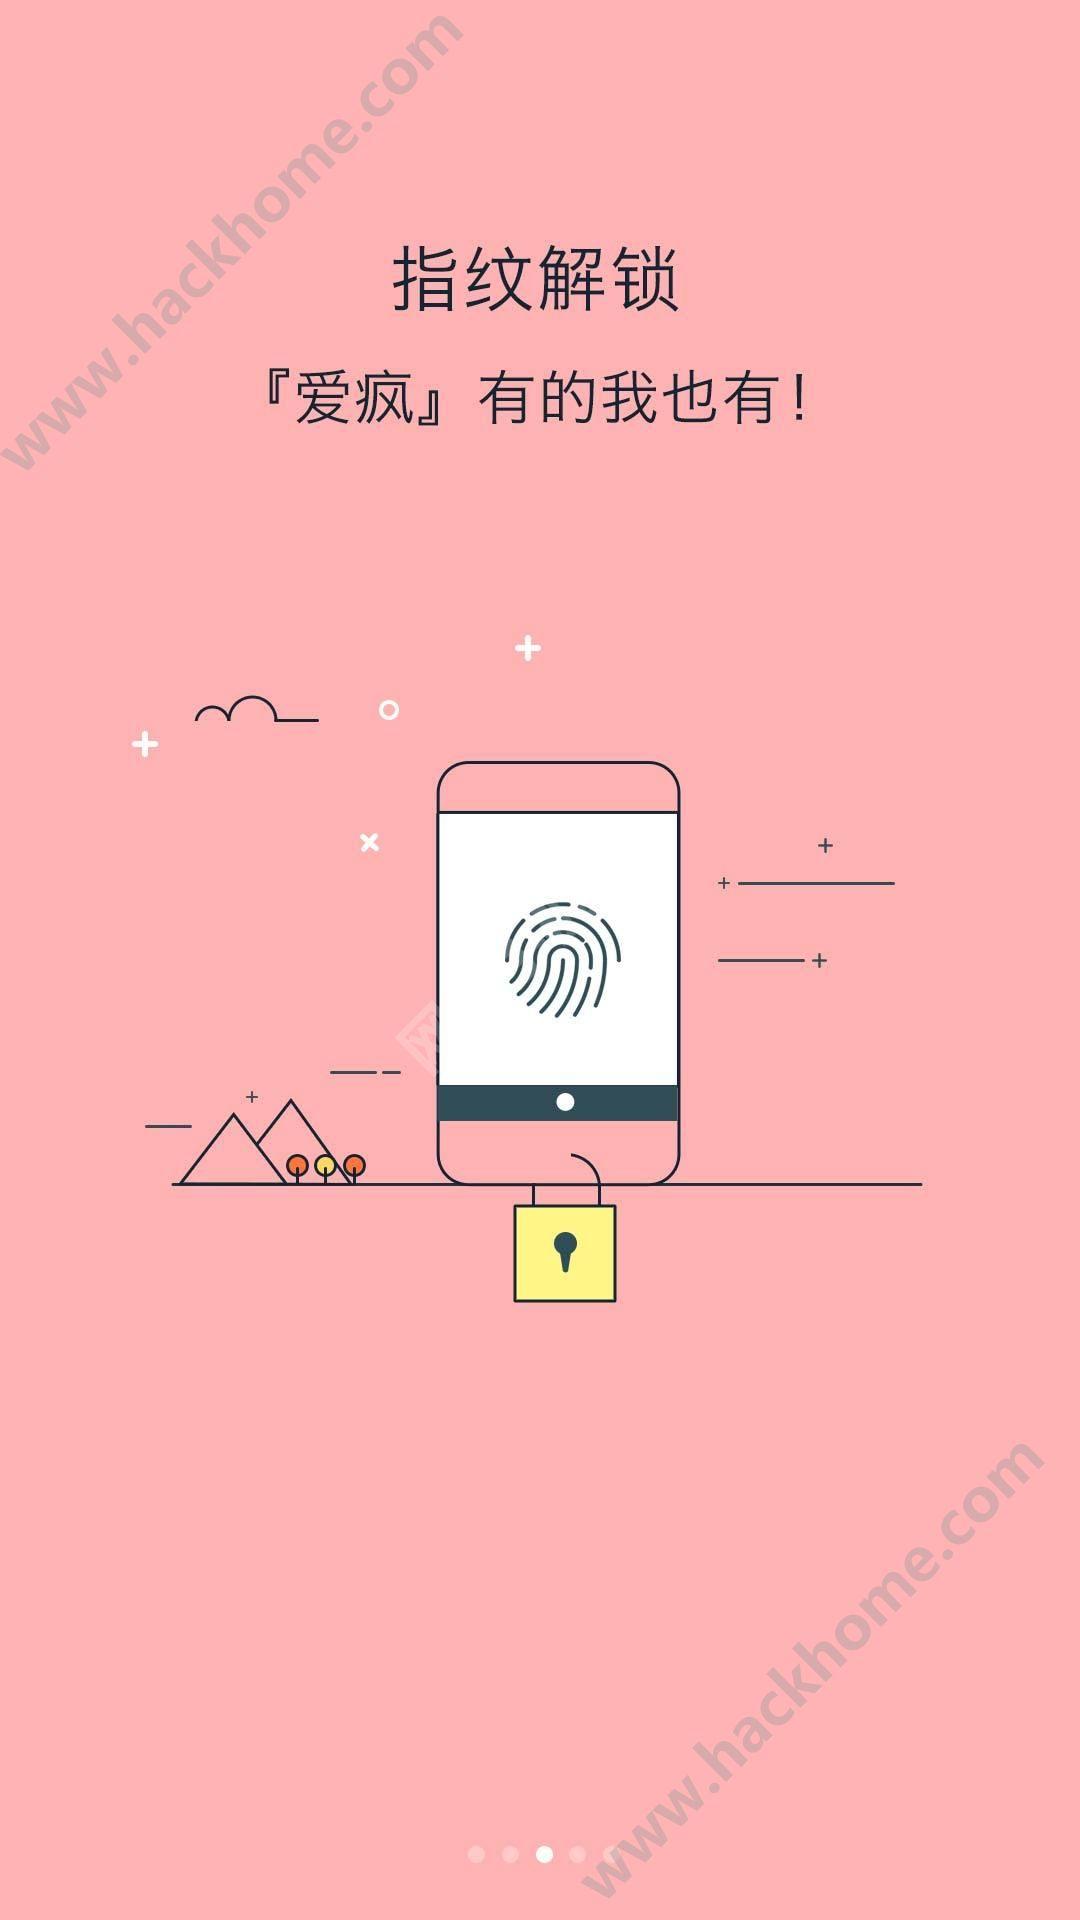 锁屏大全手机版下载软件app图4: